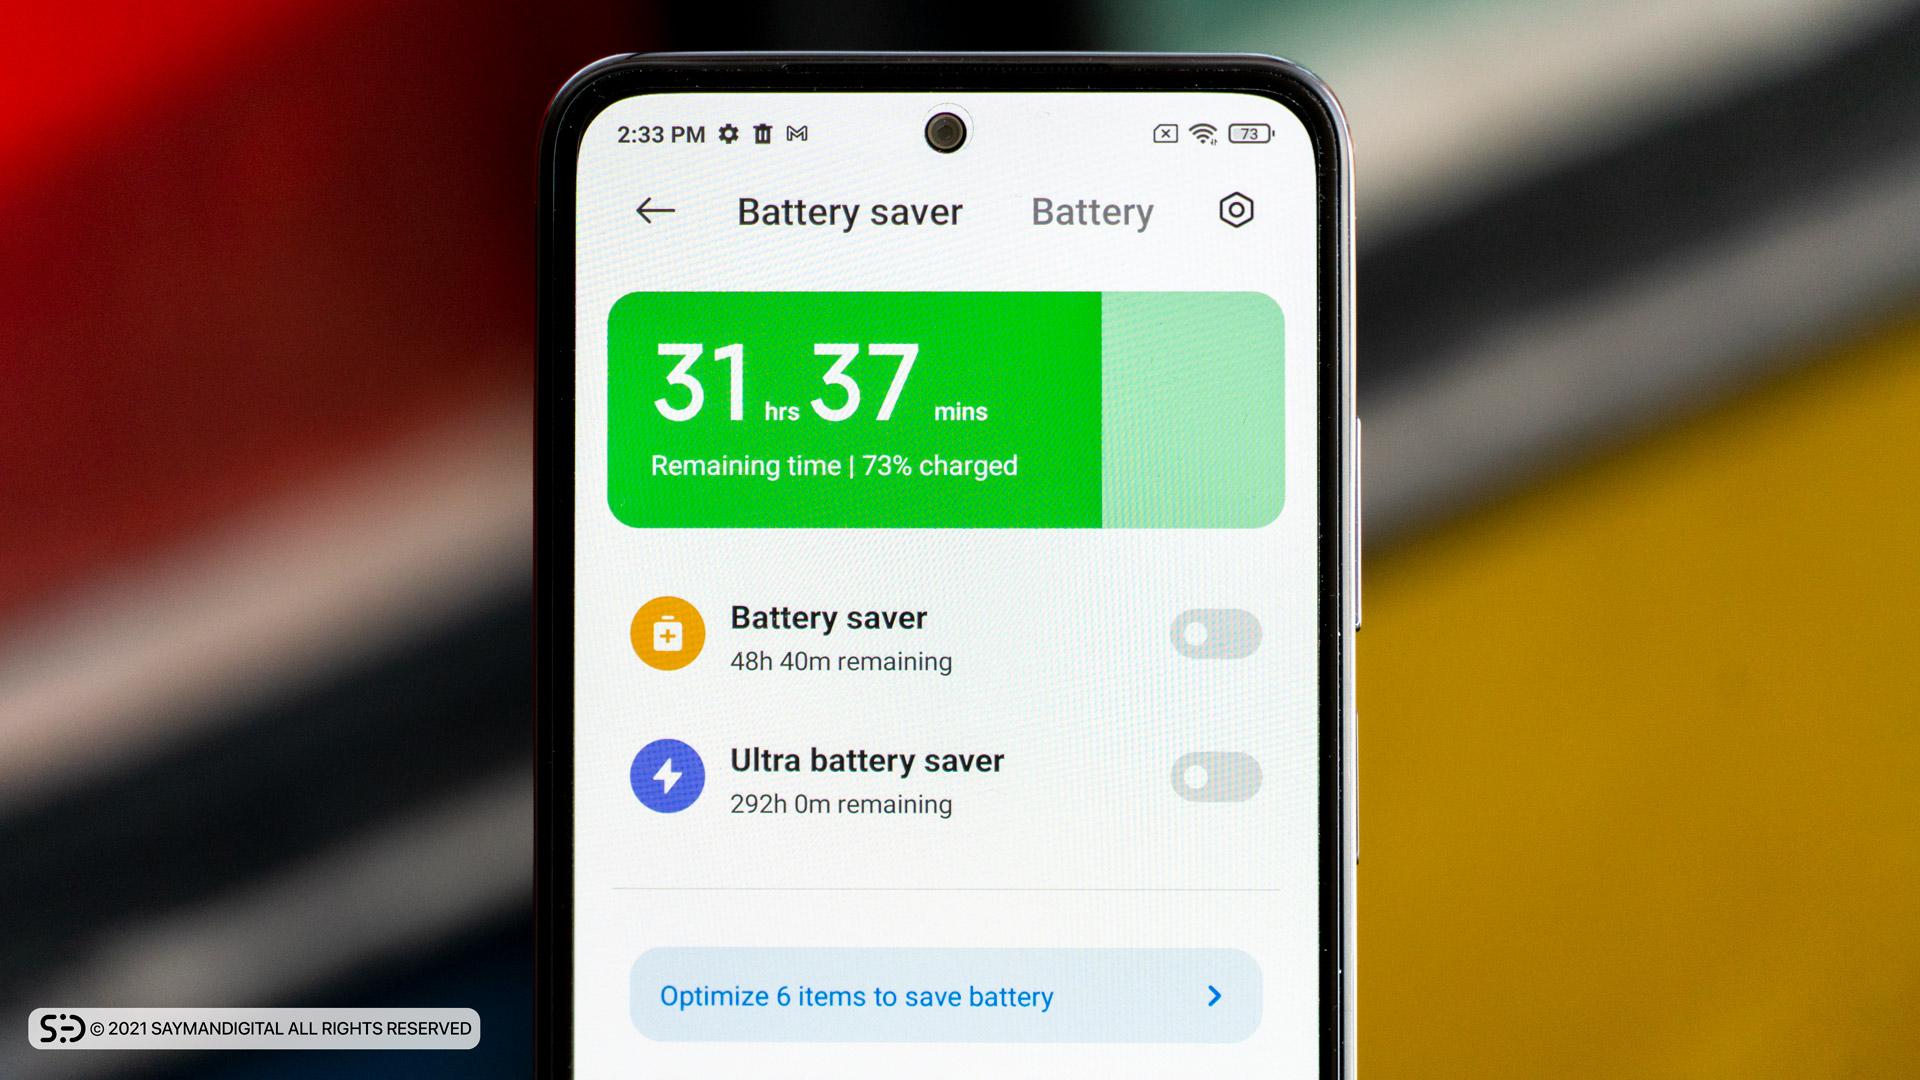 عملکرد باتری در مطلب بررسی Redmi Note 10